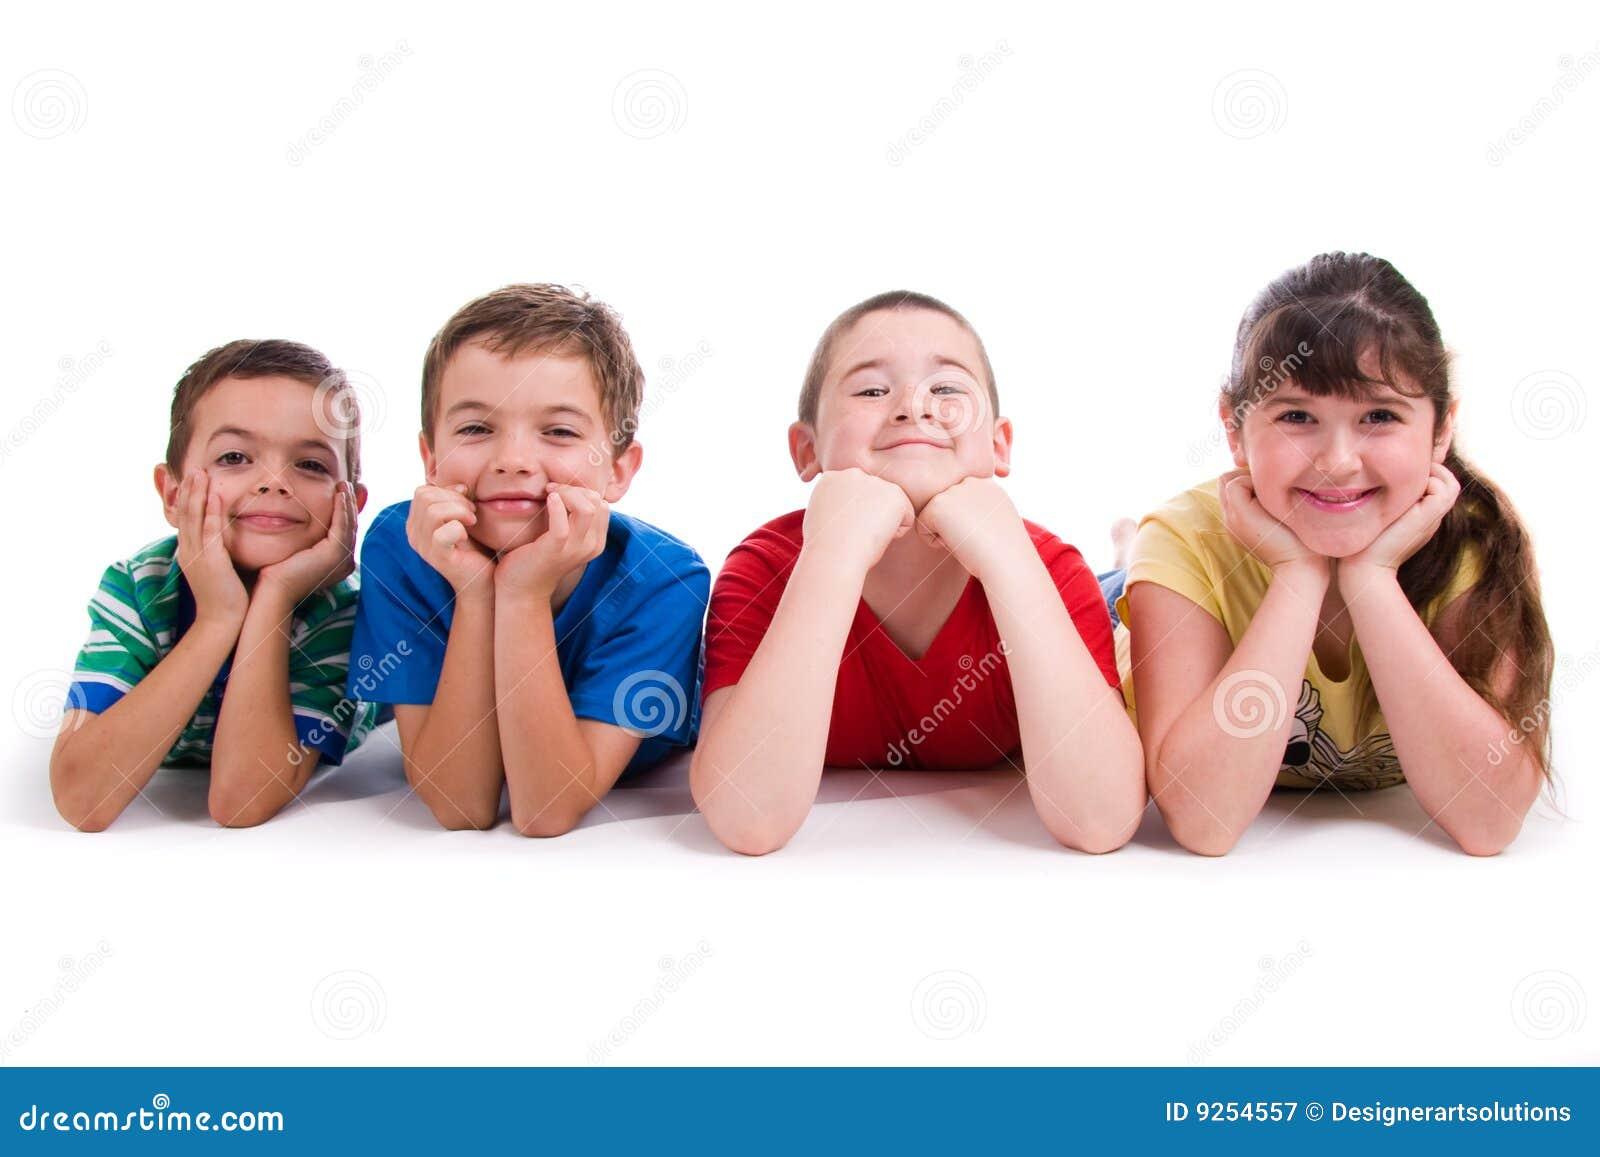 Retrato de cuatro niños